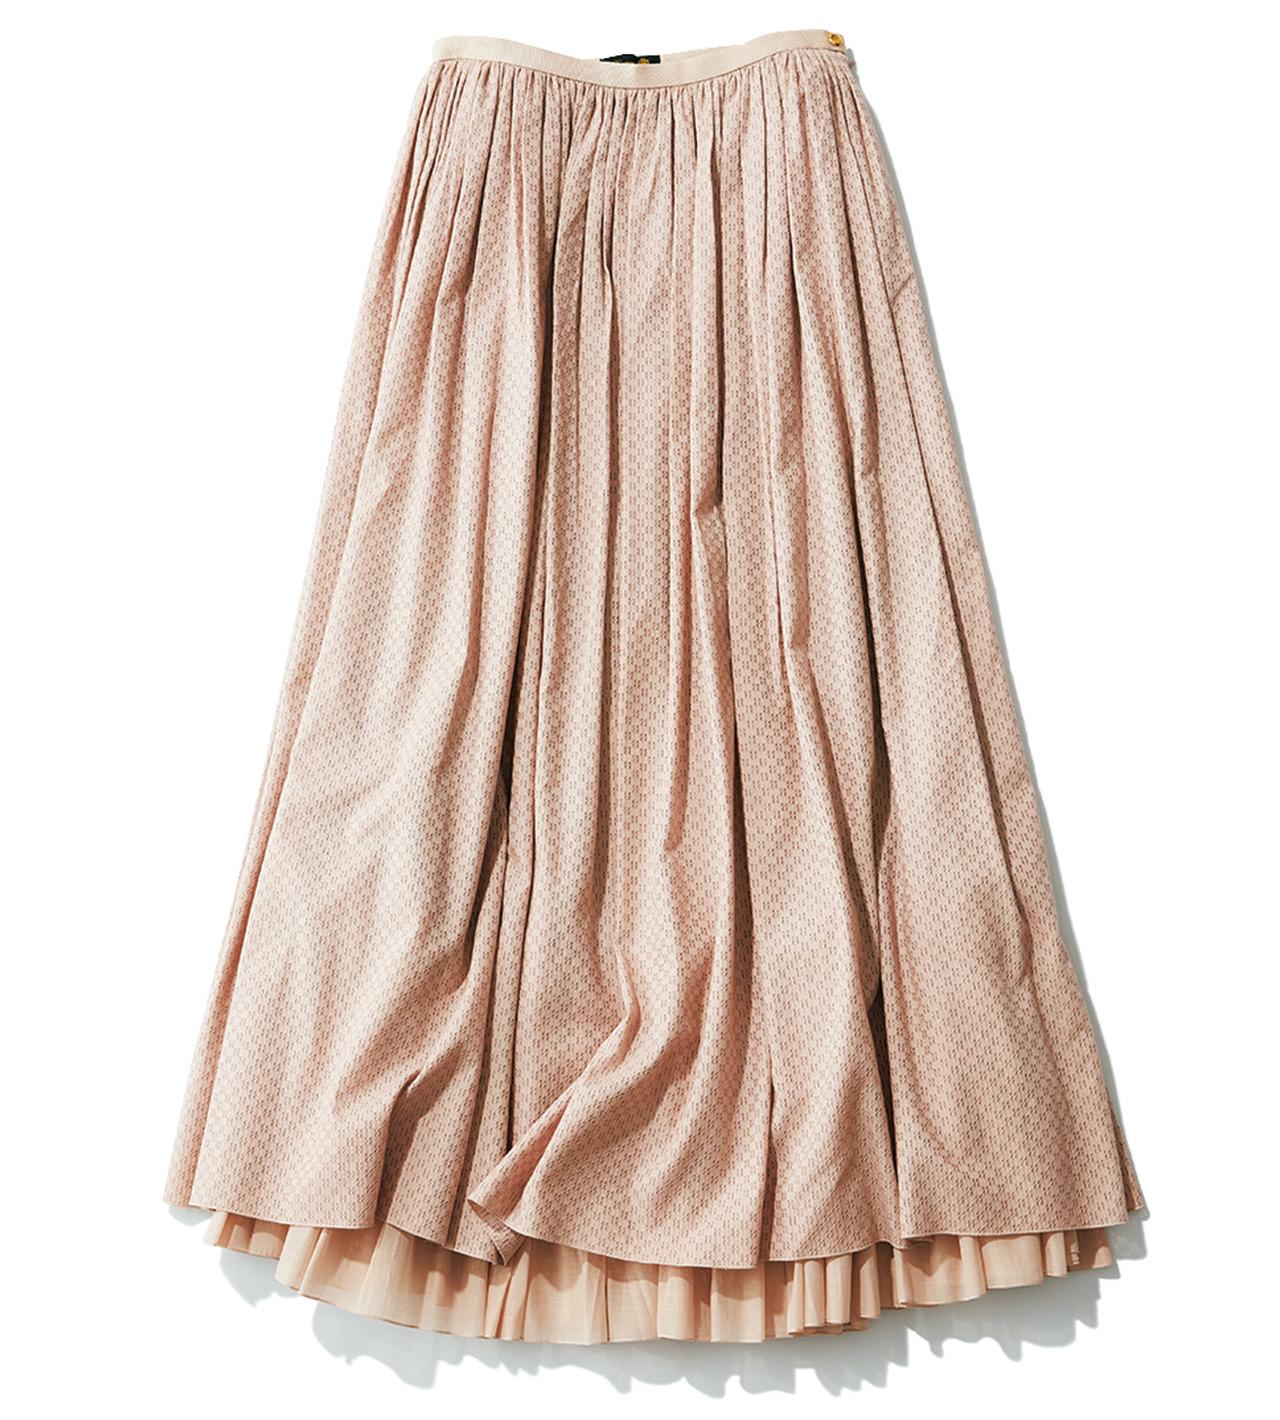 ニュートラルなピンクのスカート